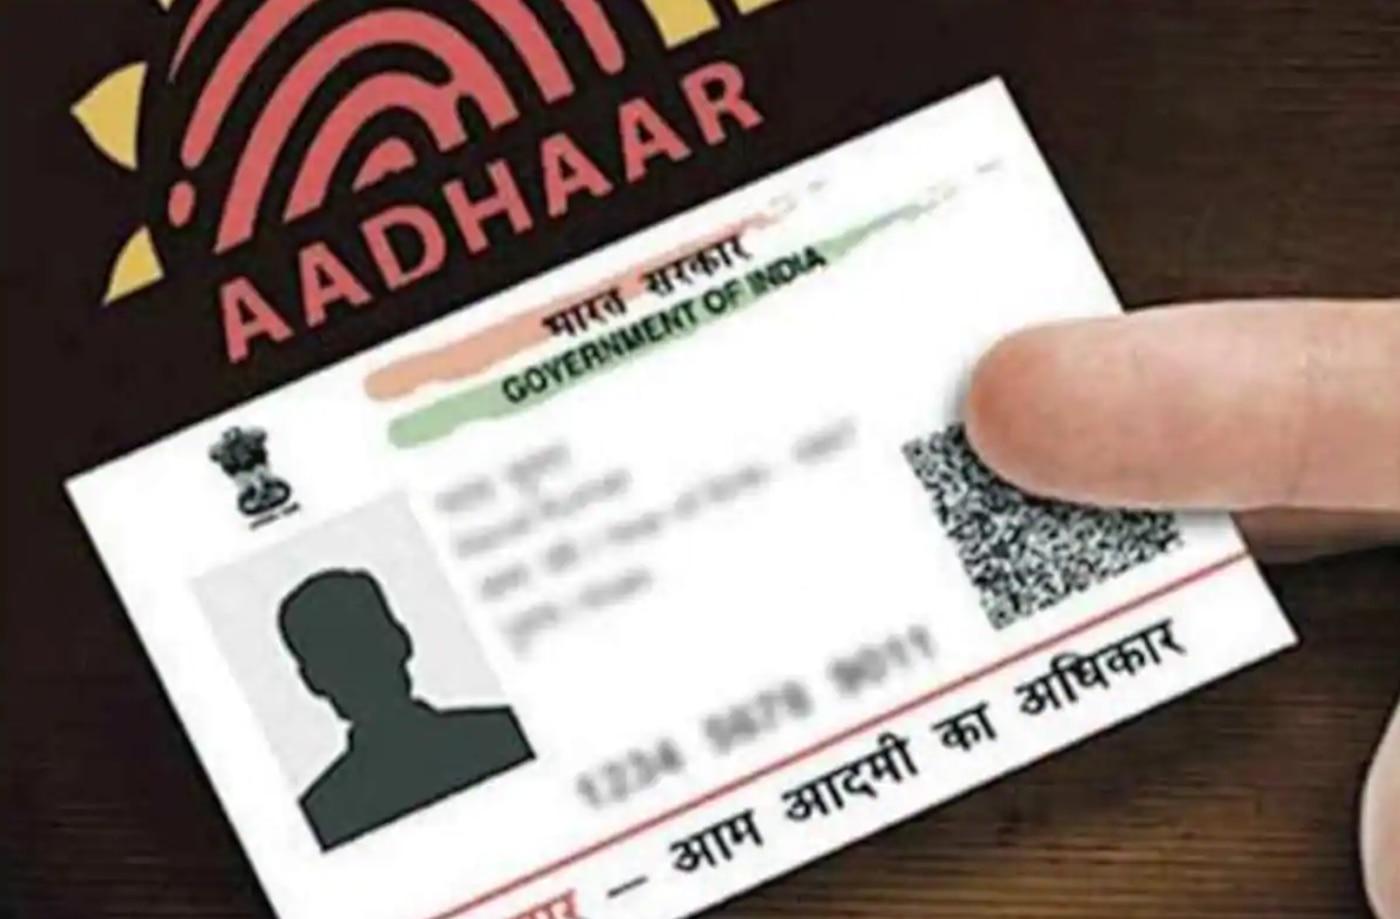 Aadhaar card: खो गया है आधार कार्ड तो न हों परेशान, ऐसे करें अपने आधार कार्ड को लॉक